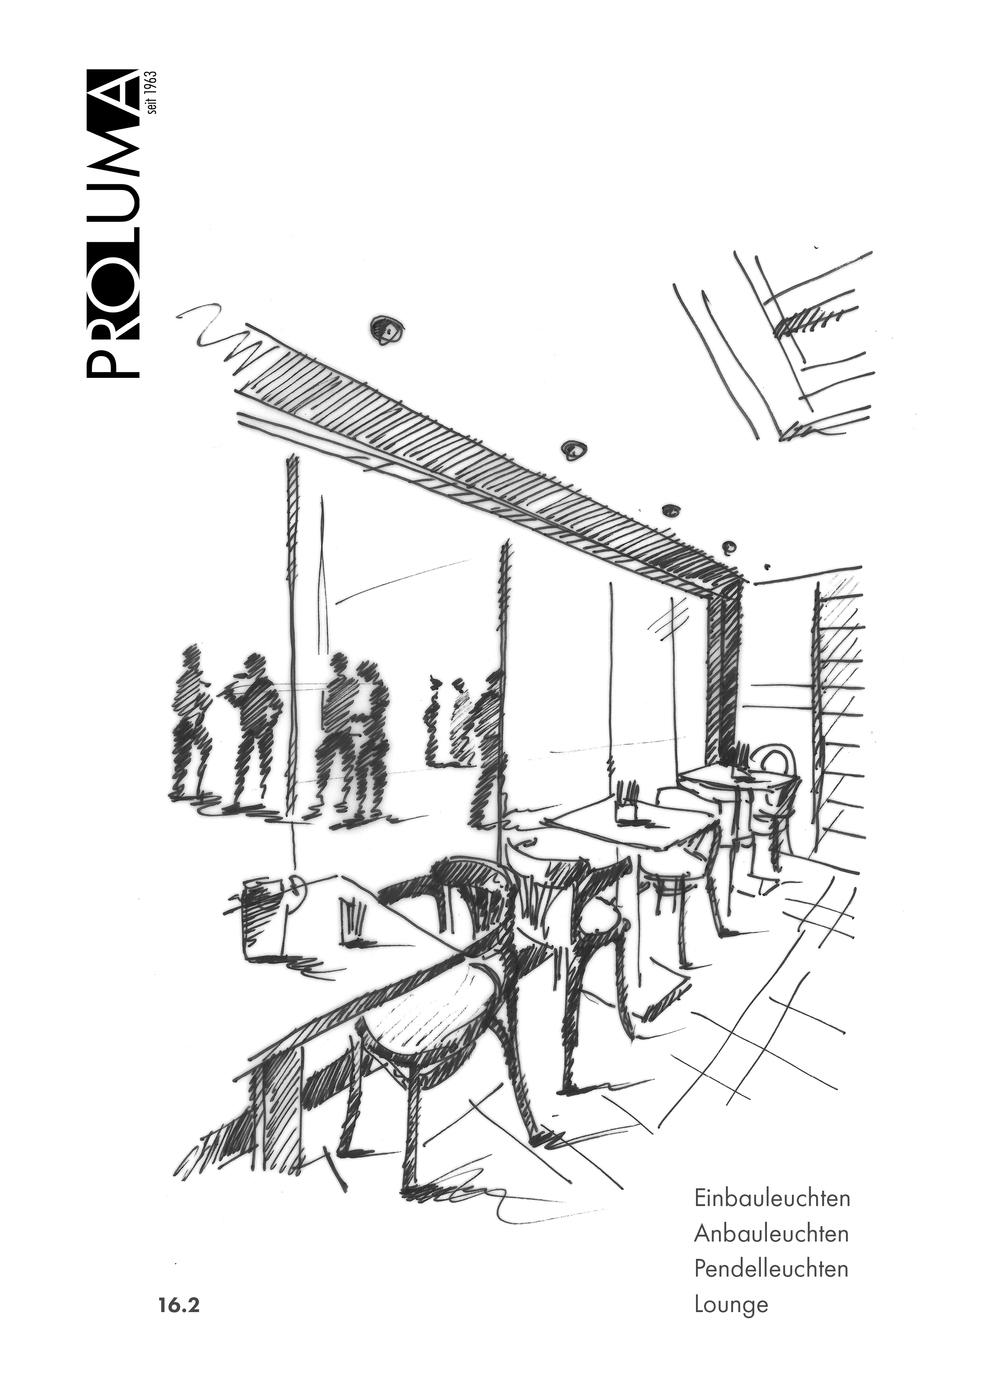 Katalog 16.2 (Einbau-, Anbau-, Pendelleuchten & Lounge)